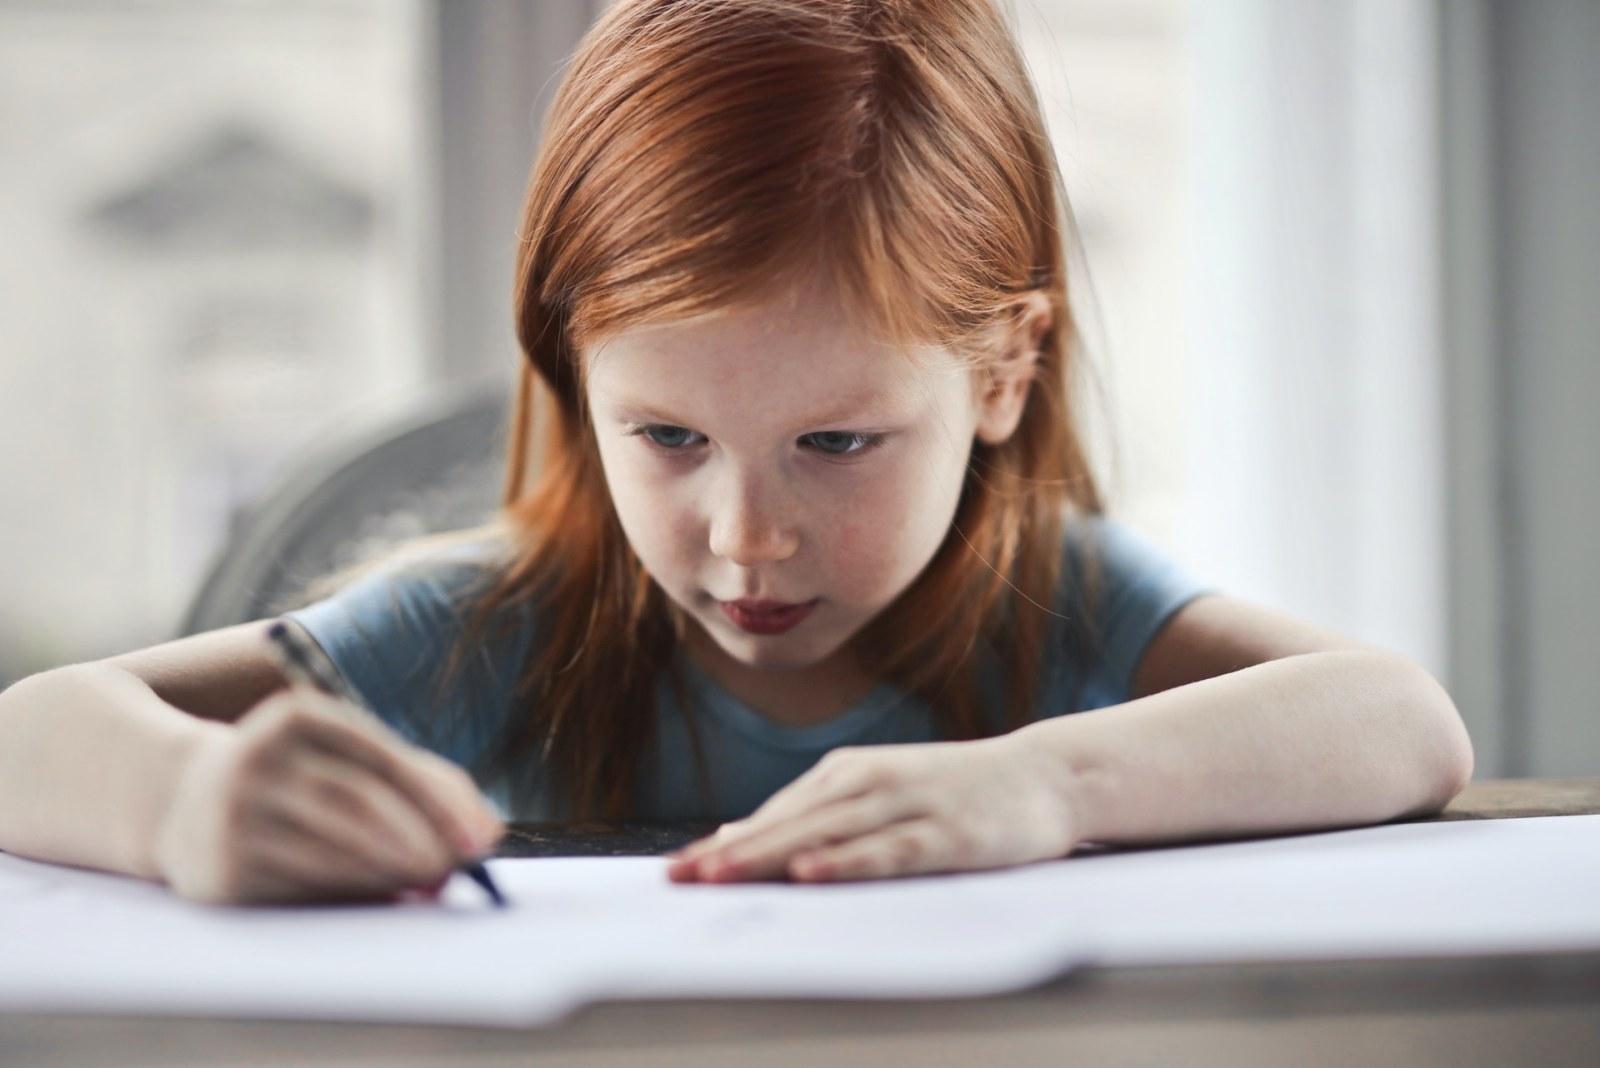 Curso de Experto en Grafología Pedagógica: infantil, juvenil y adolescente